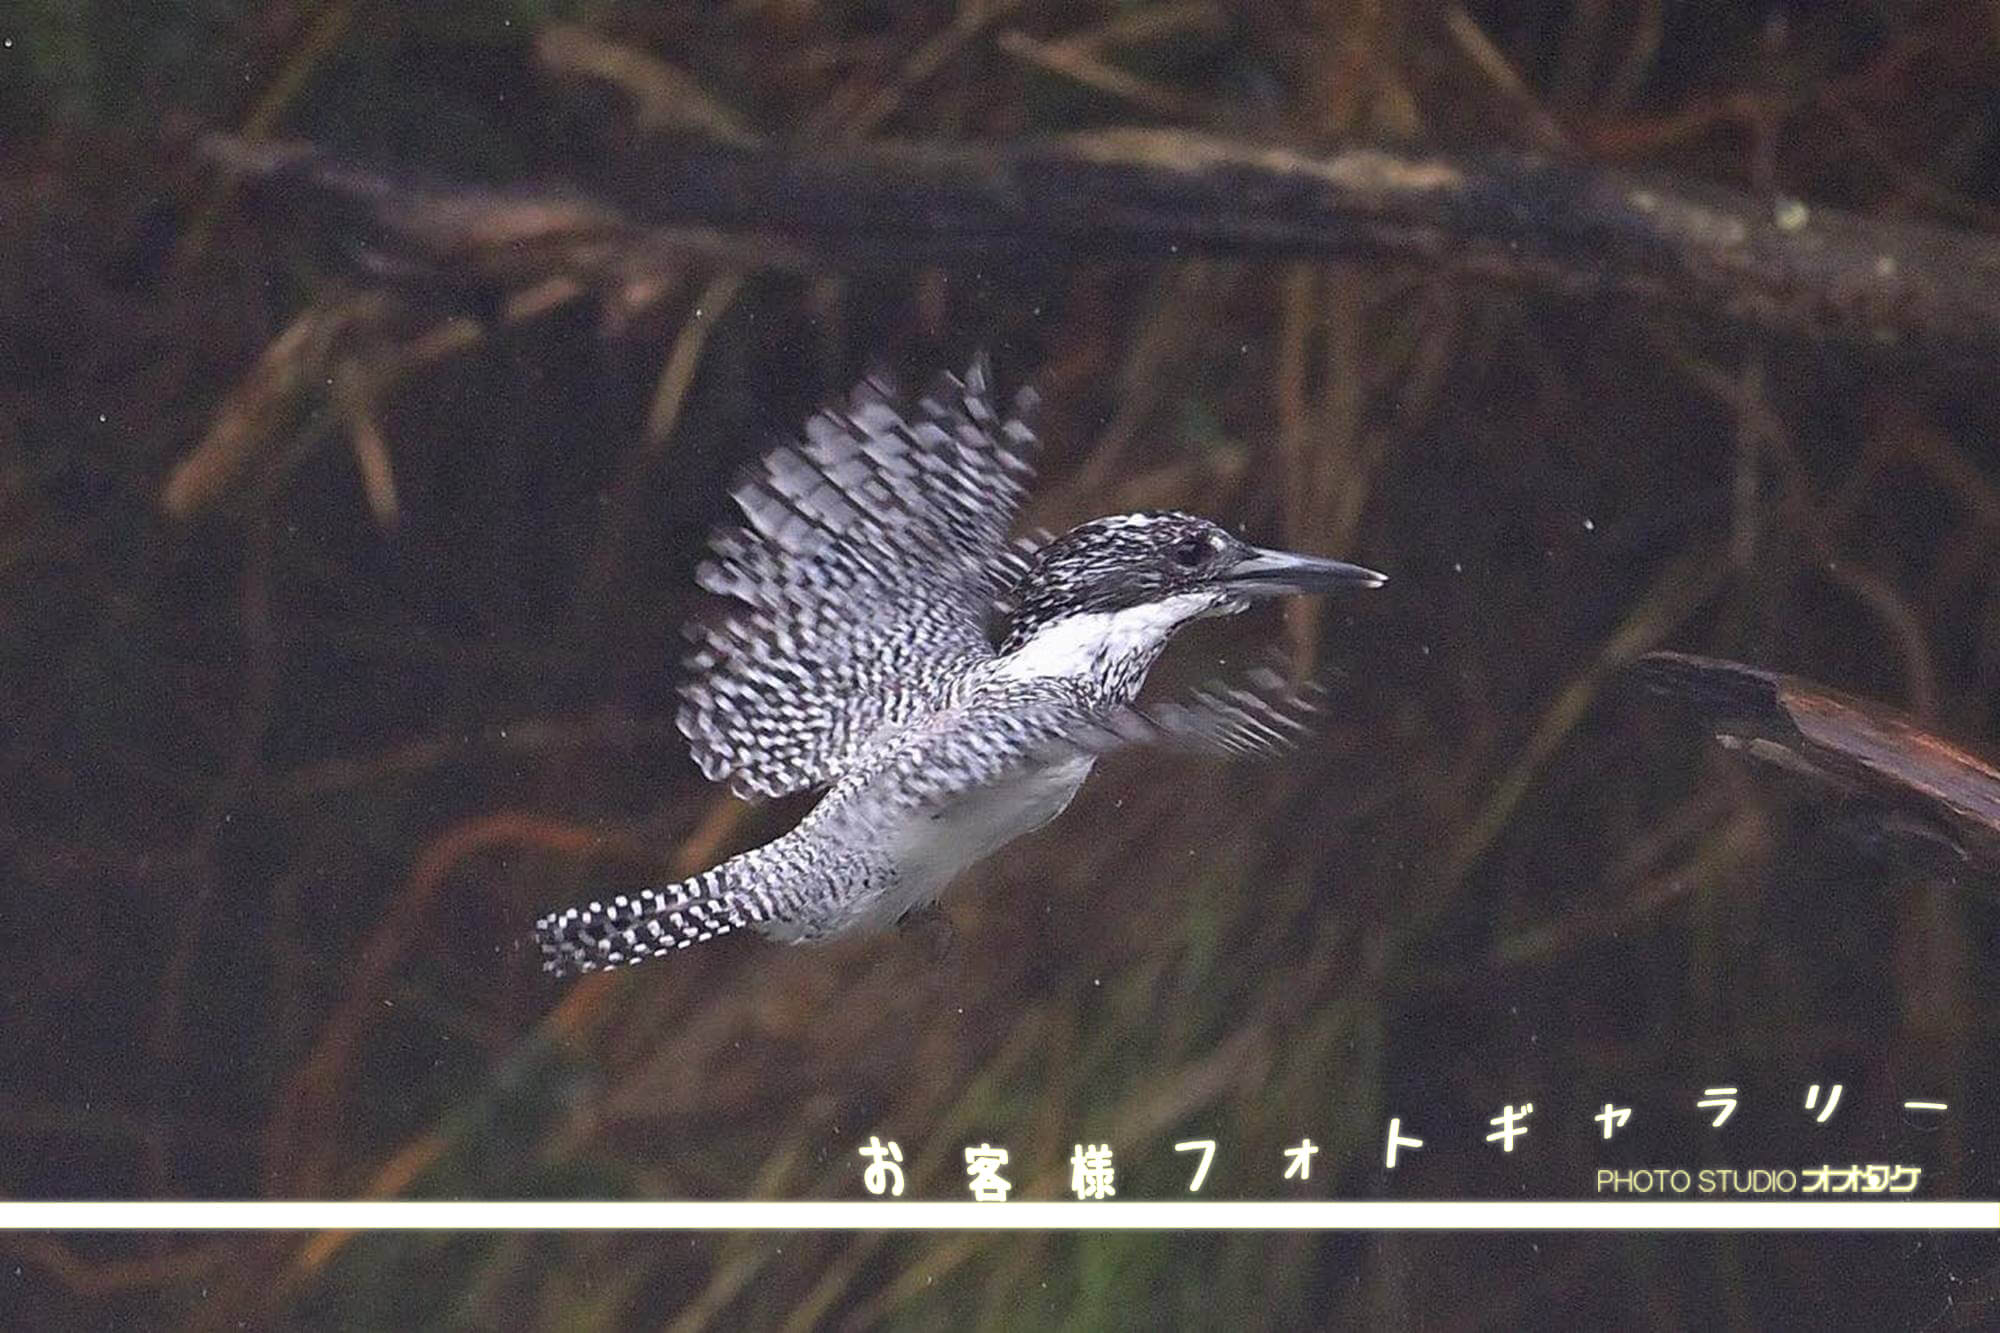 オオタケカメラ,ヤマセミ,會津秘密基地